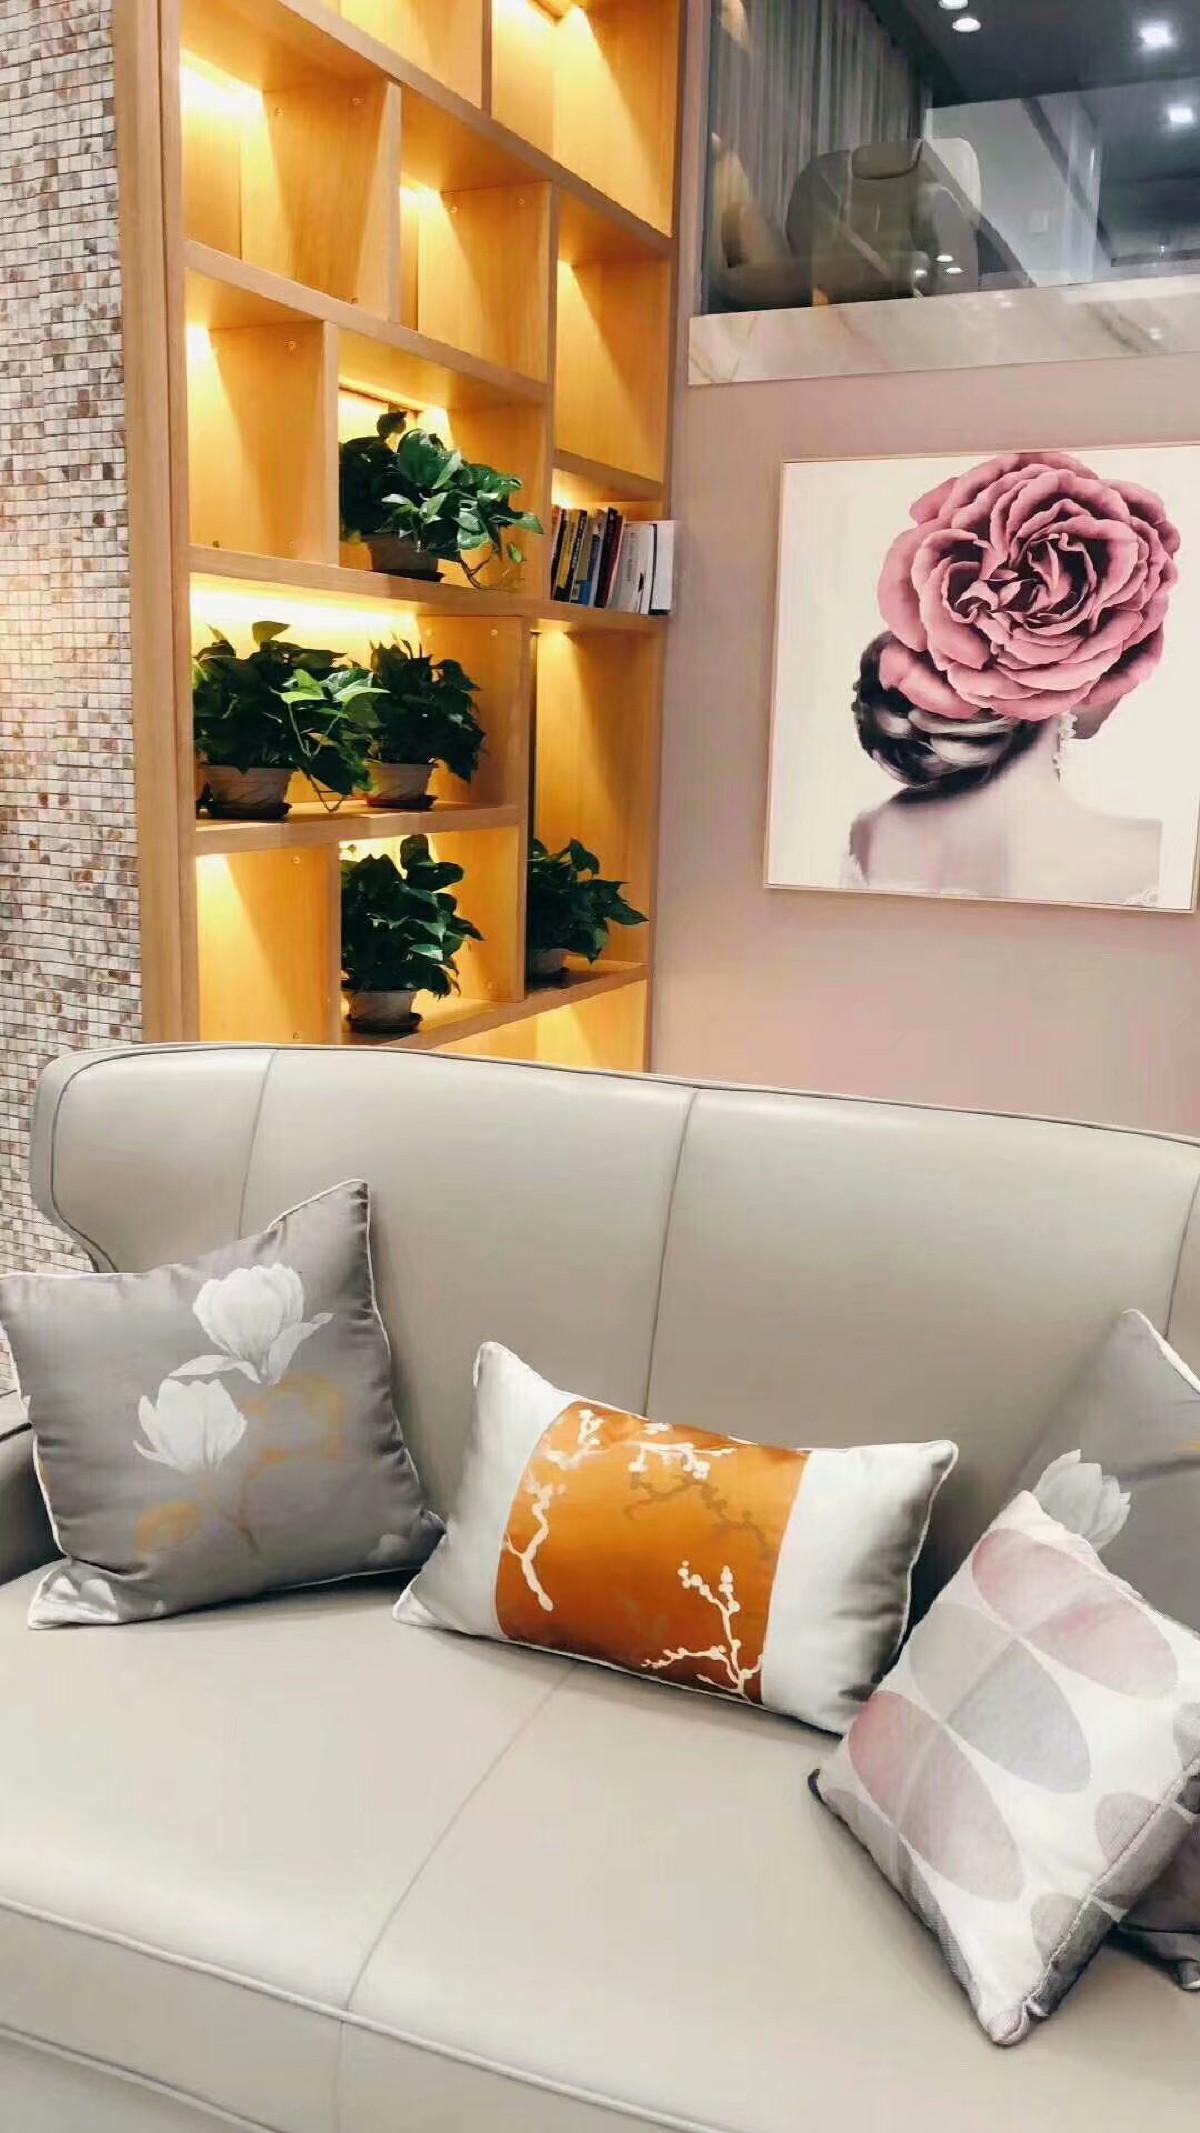 挂上一幅好的油画,可以瞬间点亮空间的色彩,让家更温馨。亲朋好友来访,定会赞赏主人的艺术品味,让您的孩子从小在艺术的熏陶下成长,提升您与家人的艺术美感!